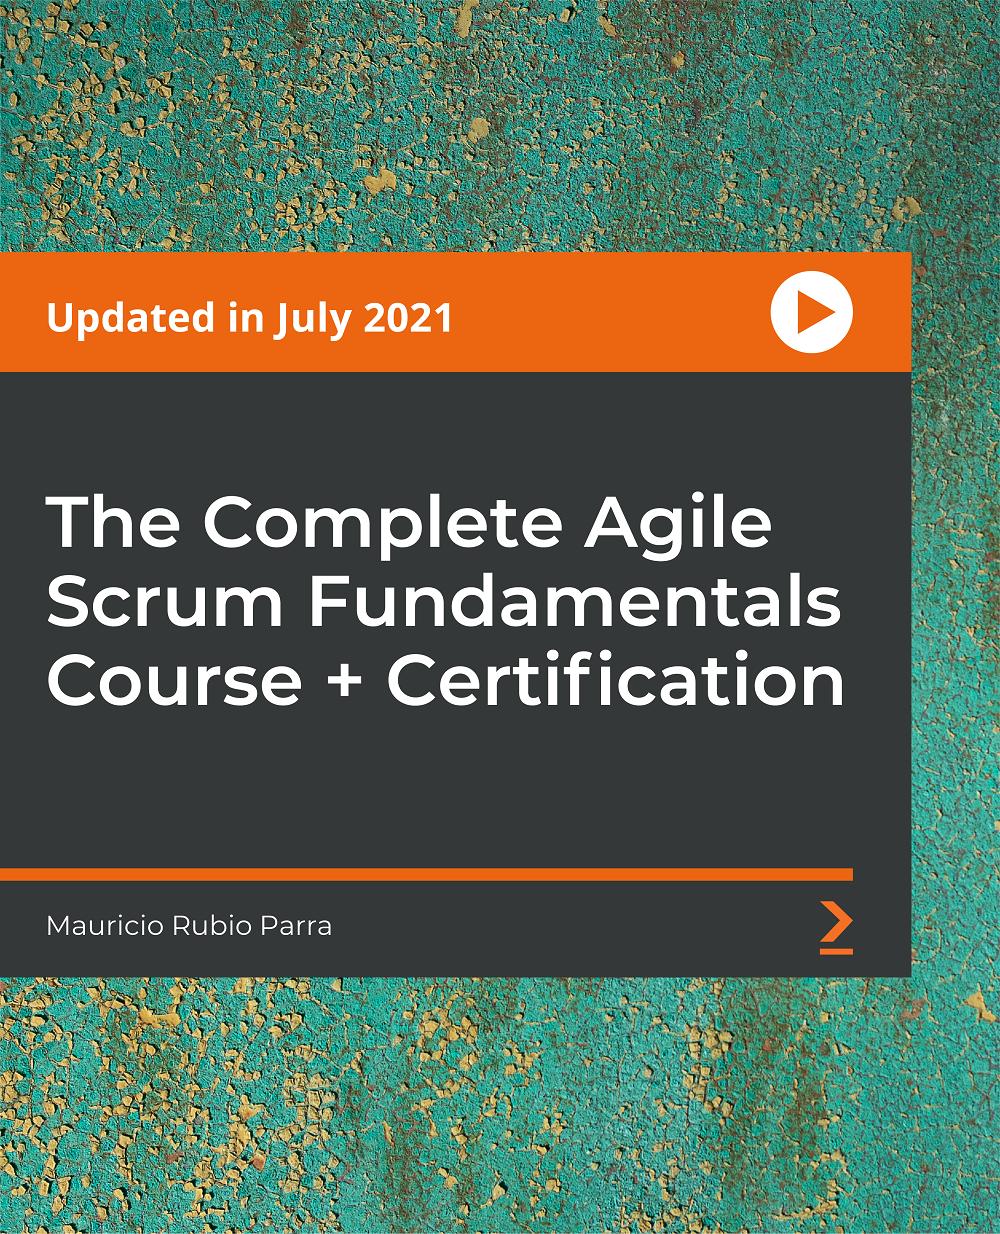 Agile Scrum Course: Scrum Fundamentals -Scrum Certification [Video]